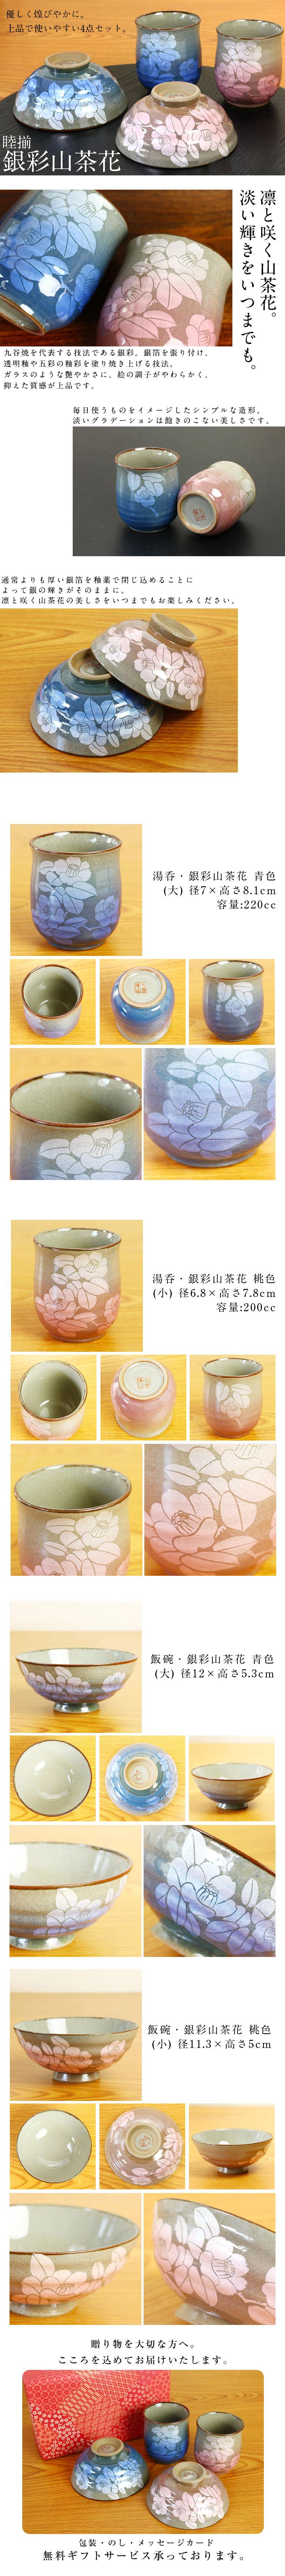 【九谷焼】睦揃 銀彩山茶花